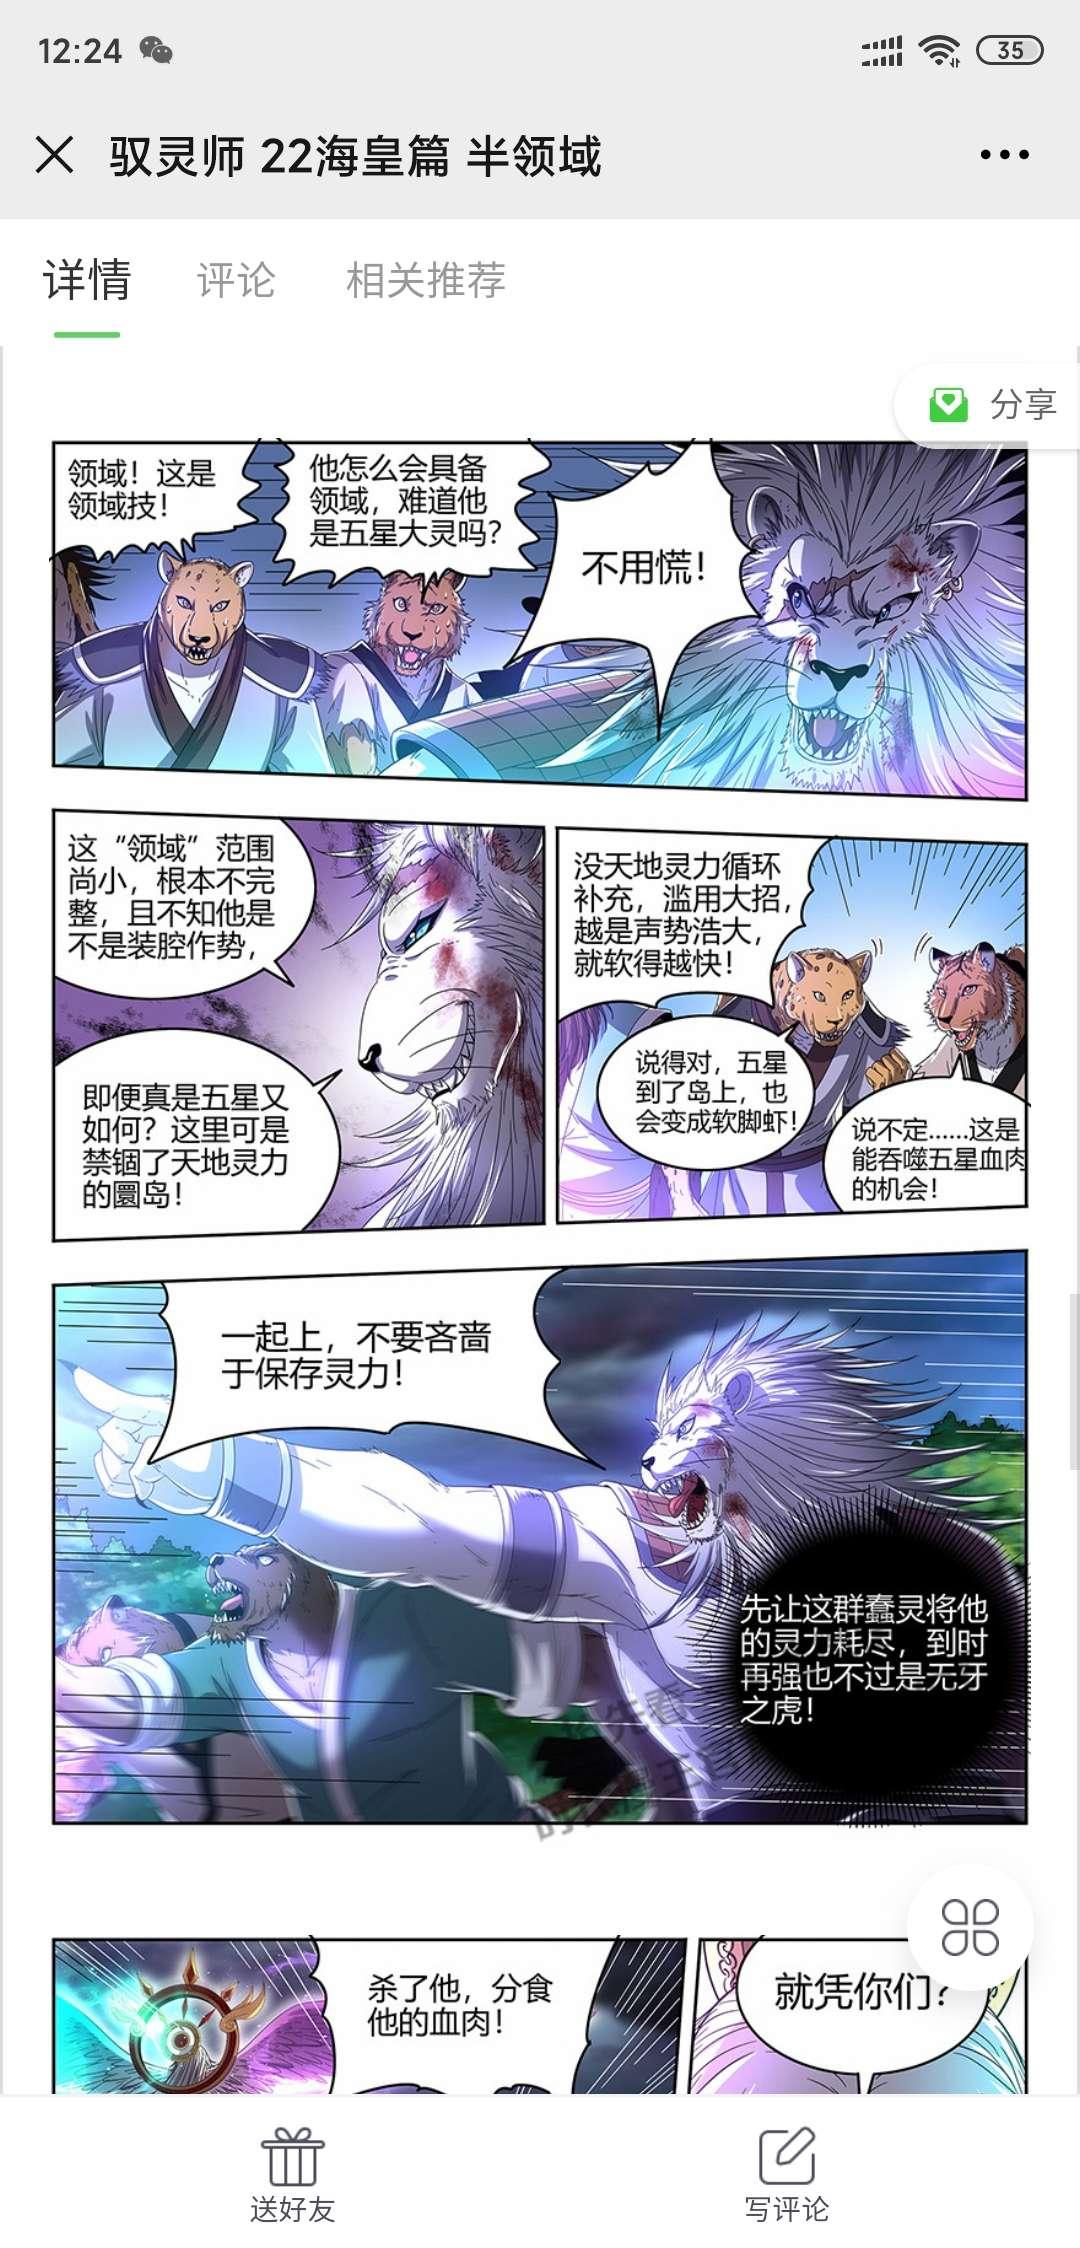 【漫画更新】驭灵师   小明的领域来啦!